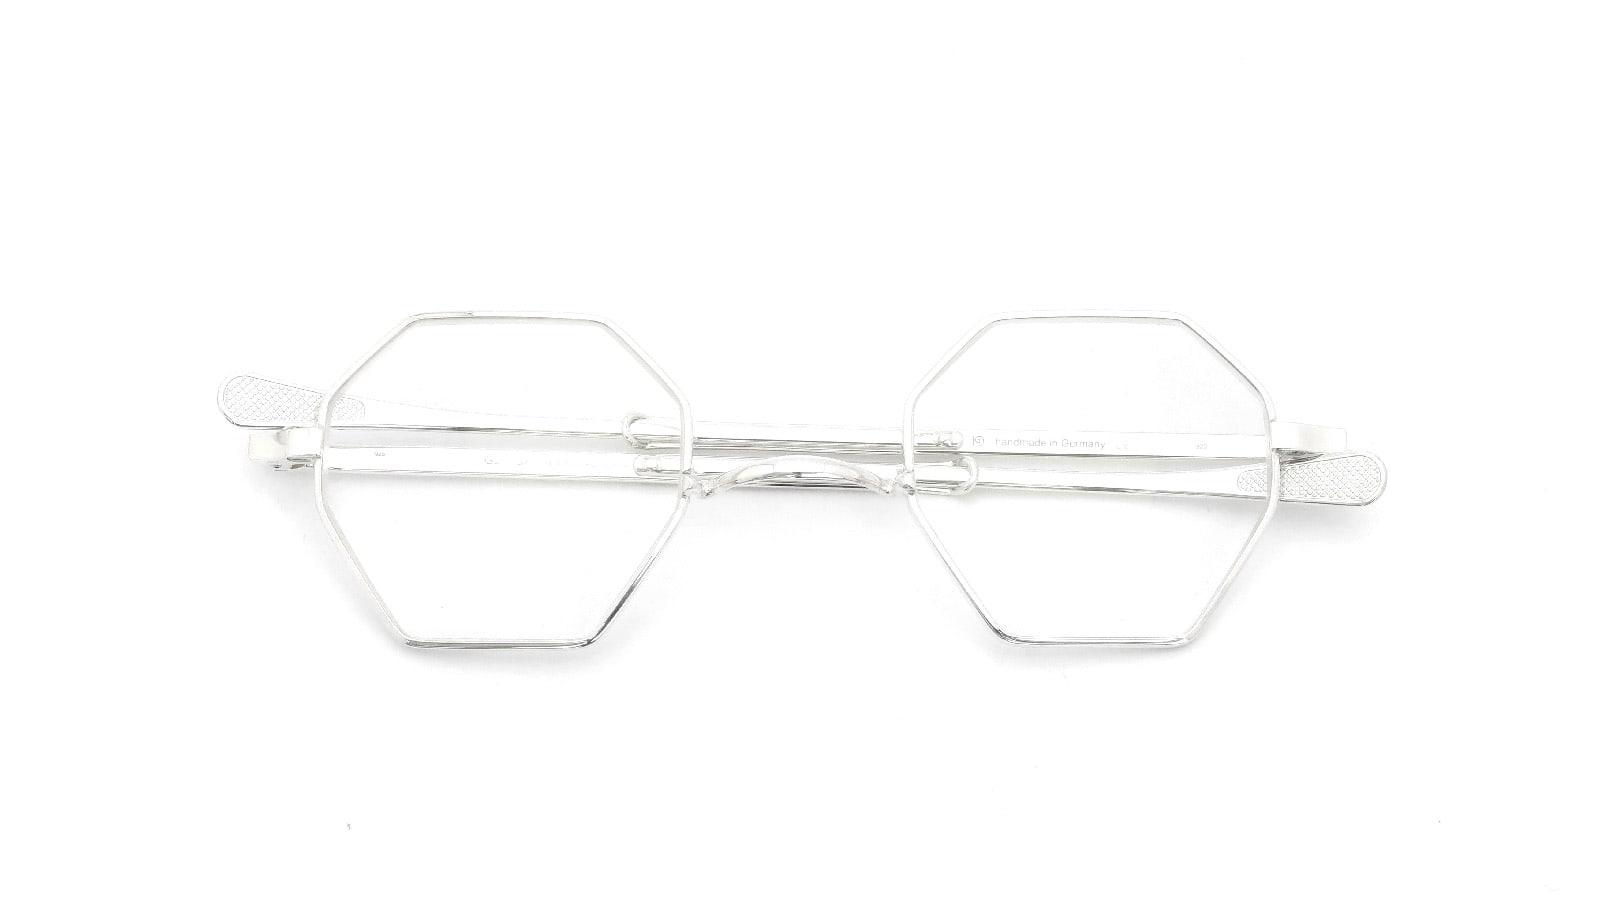 GERNOT LINDNER GL150 mod.159 Medium-Bridge Adjustable SN-X (Silver without coating) 4